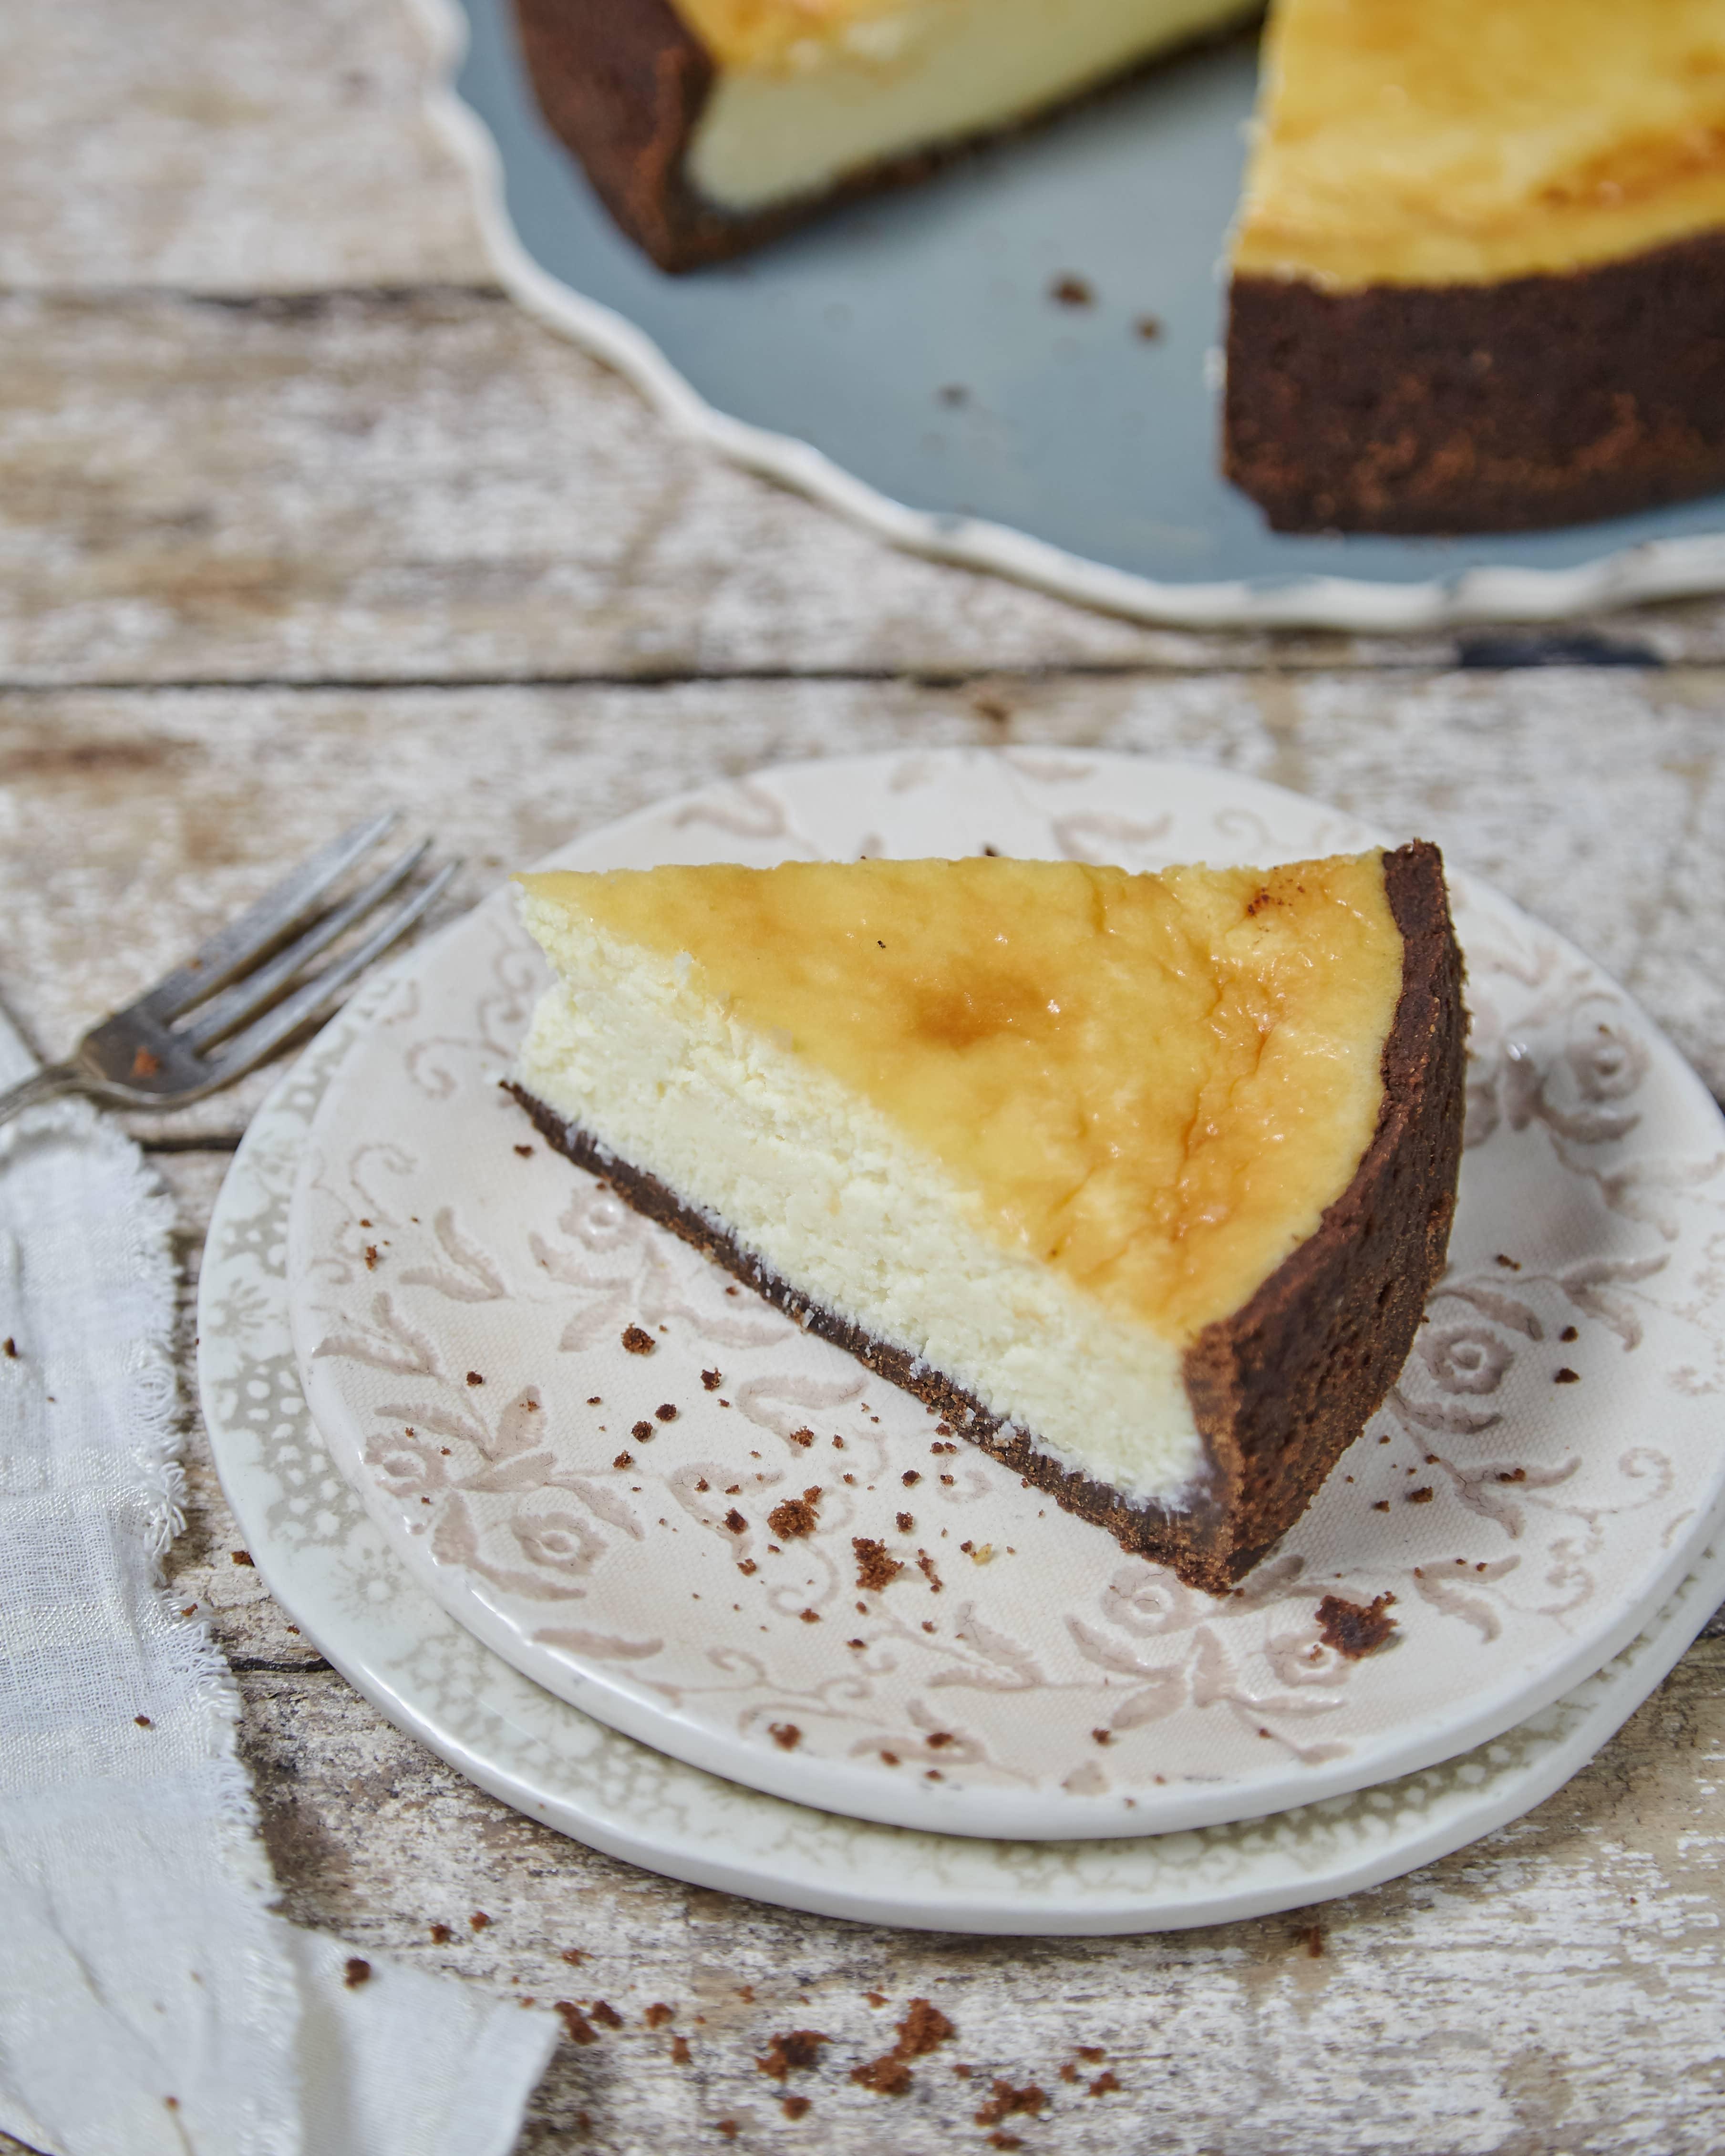 Cheesecake de coco y leche condensada